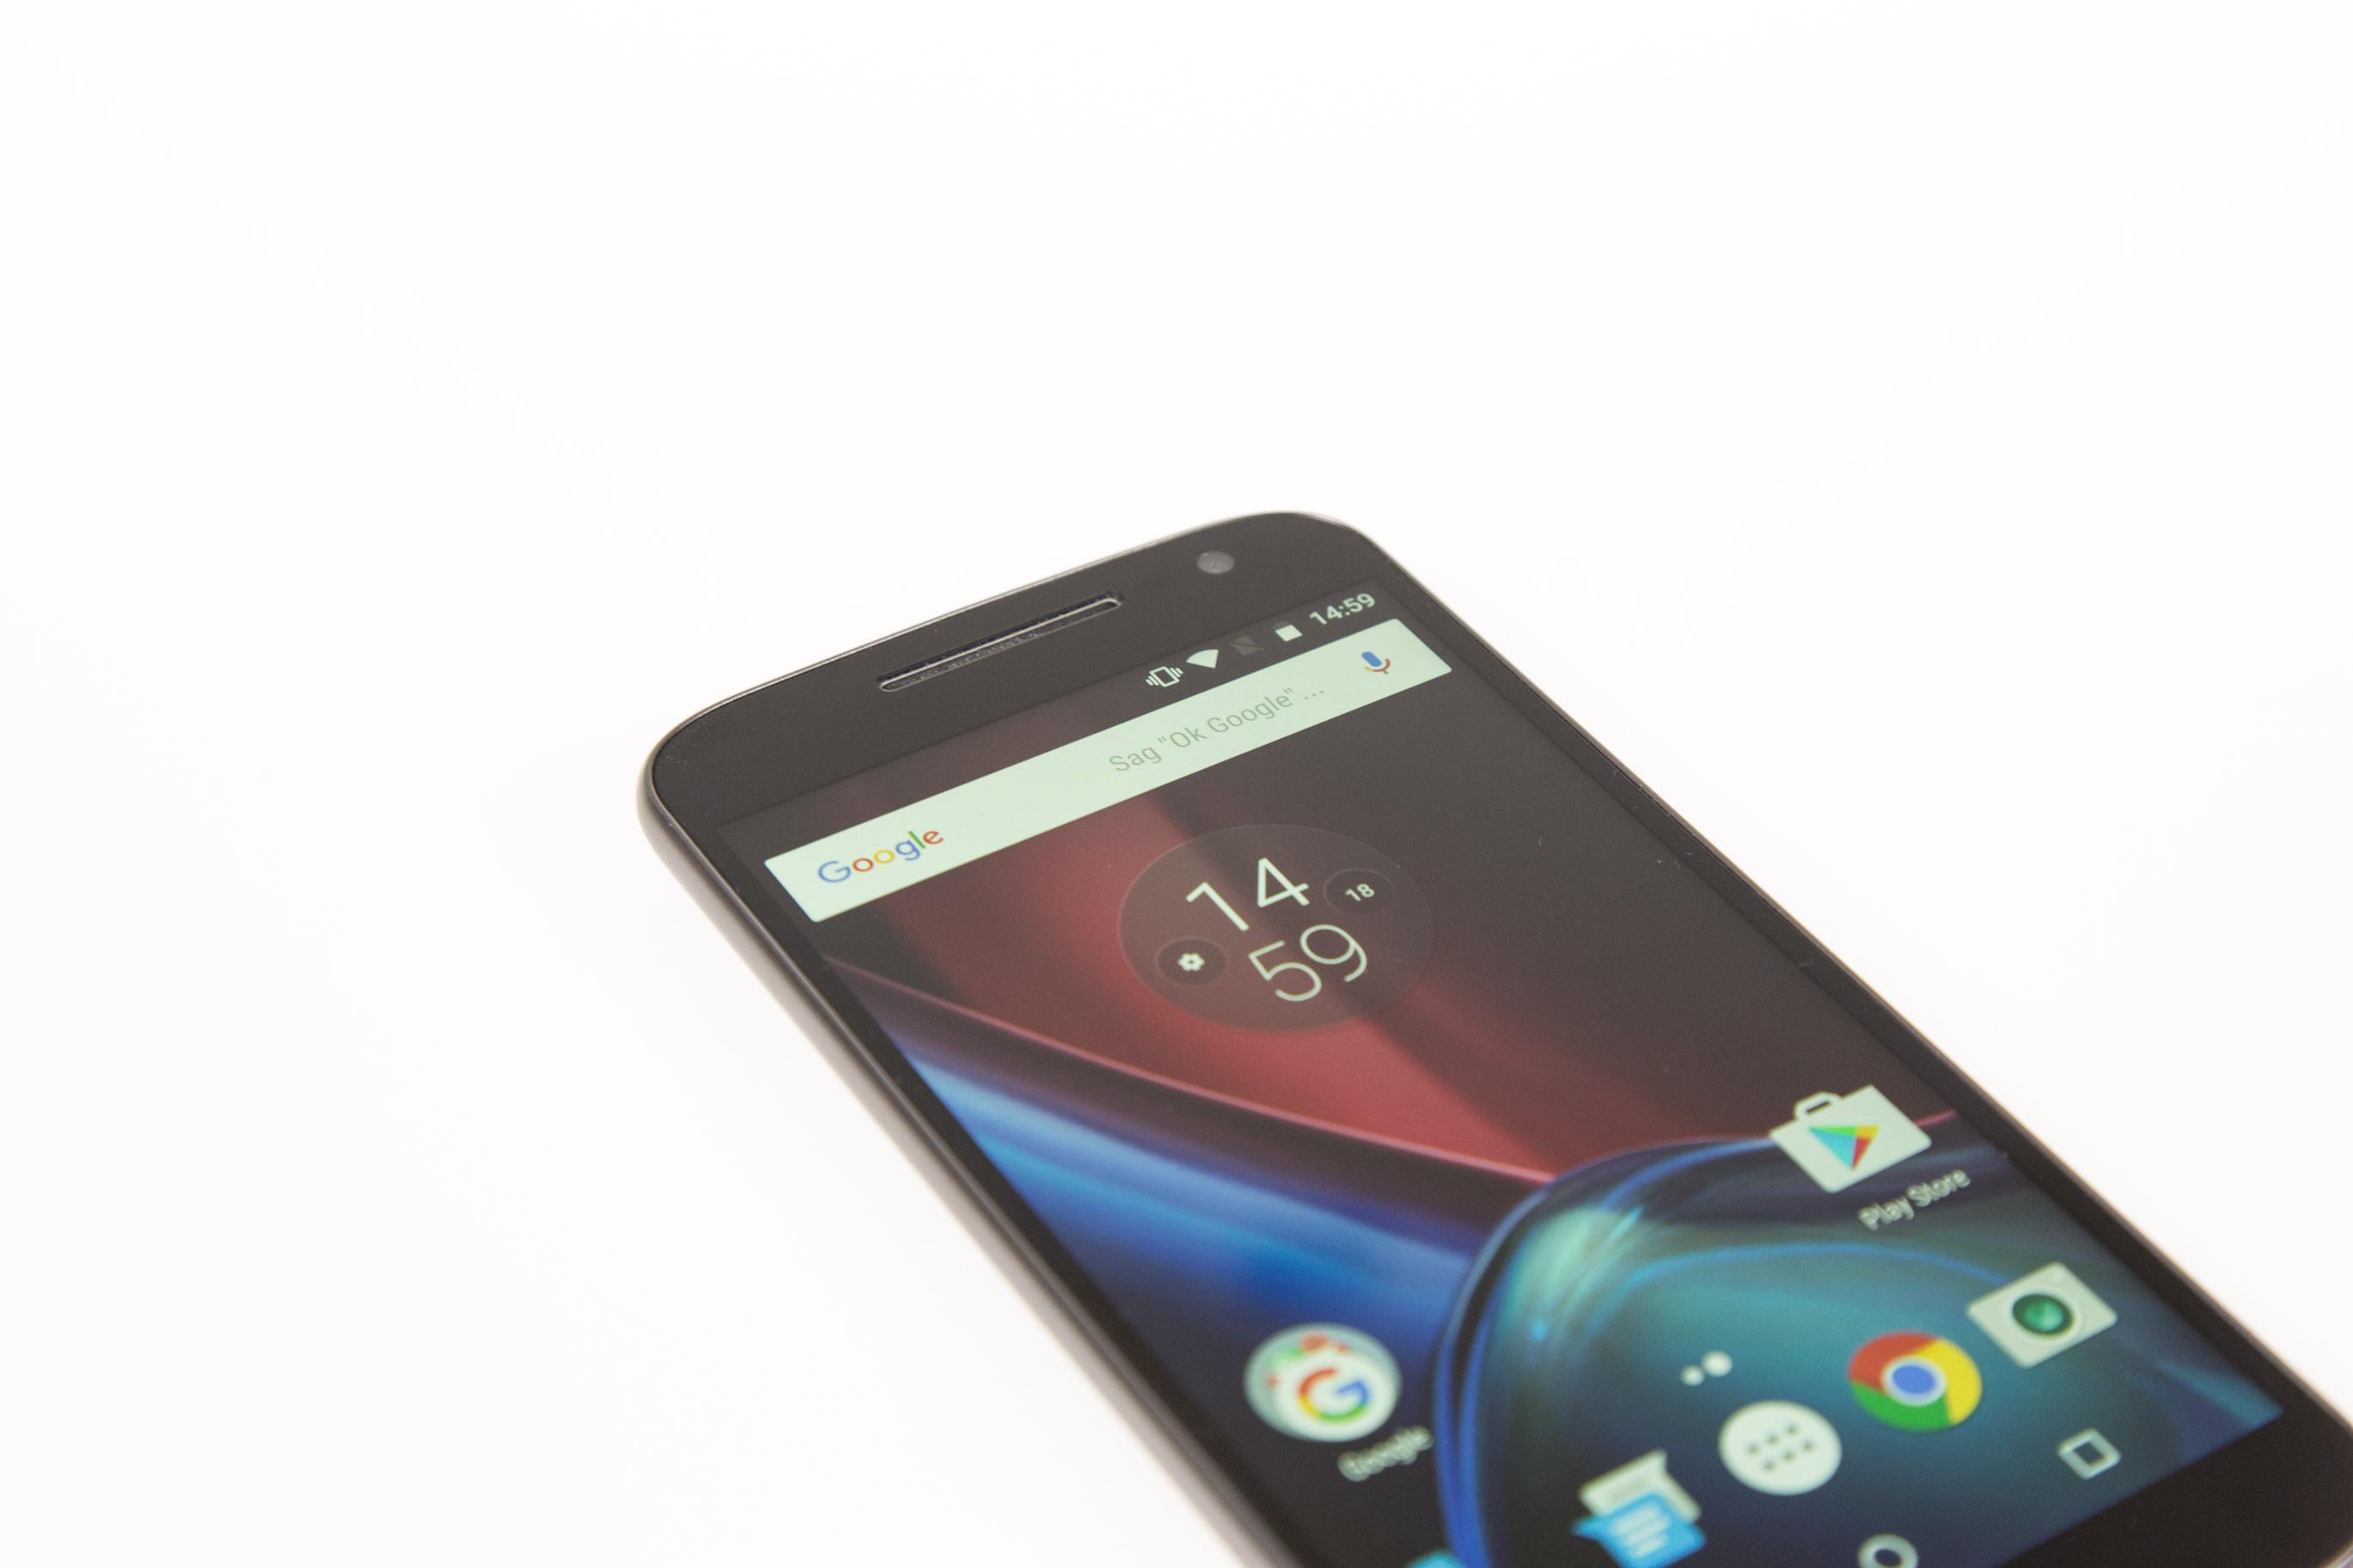 Moto G4 Plus im Hands on: Lenovos sonderbare Entscheidung - Moto G4 Plus mit Full-HD-Display (Bild: Martin Wolf/Golem.de)